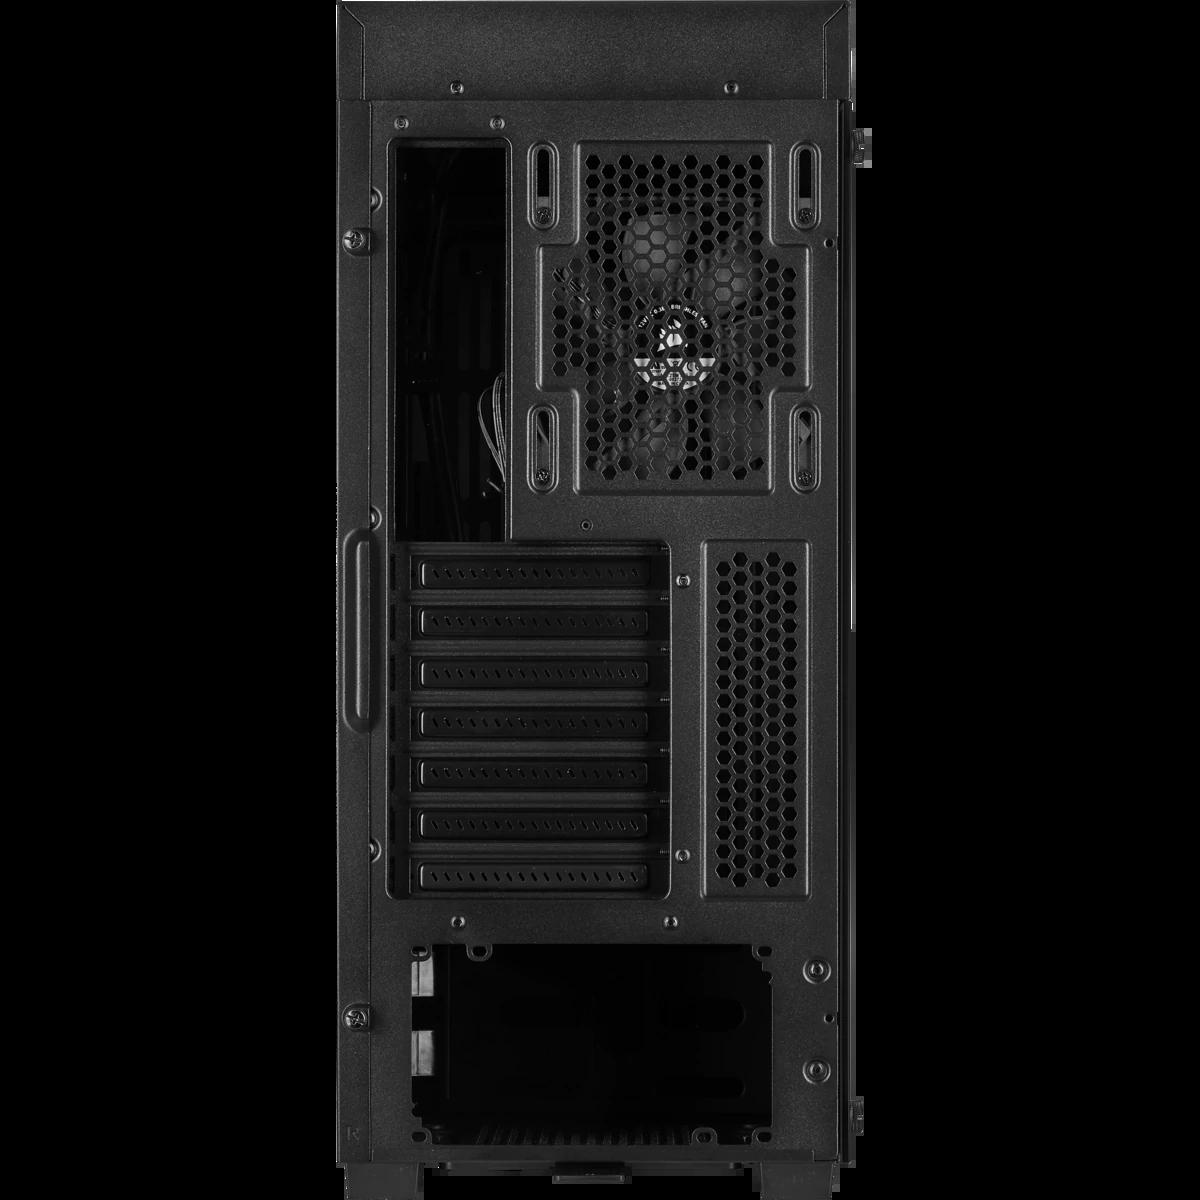 Gabinete Gamer Corsair, 110R, Mid Tower, Vidro Temperado, ATX, Black, CC-9011183-WW, Sem Fonte, Sem Fan